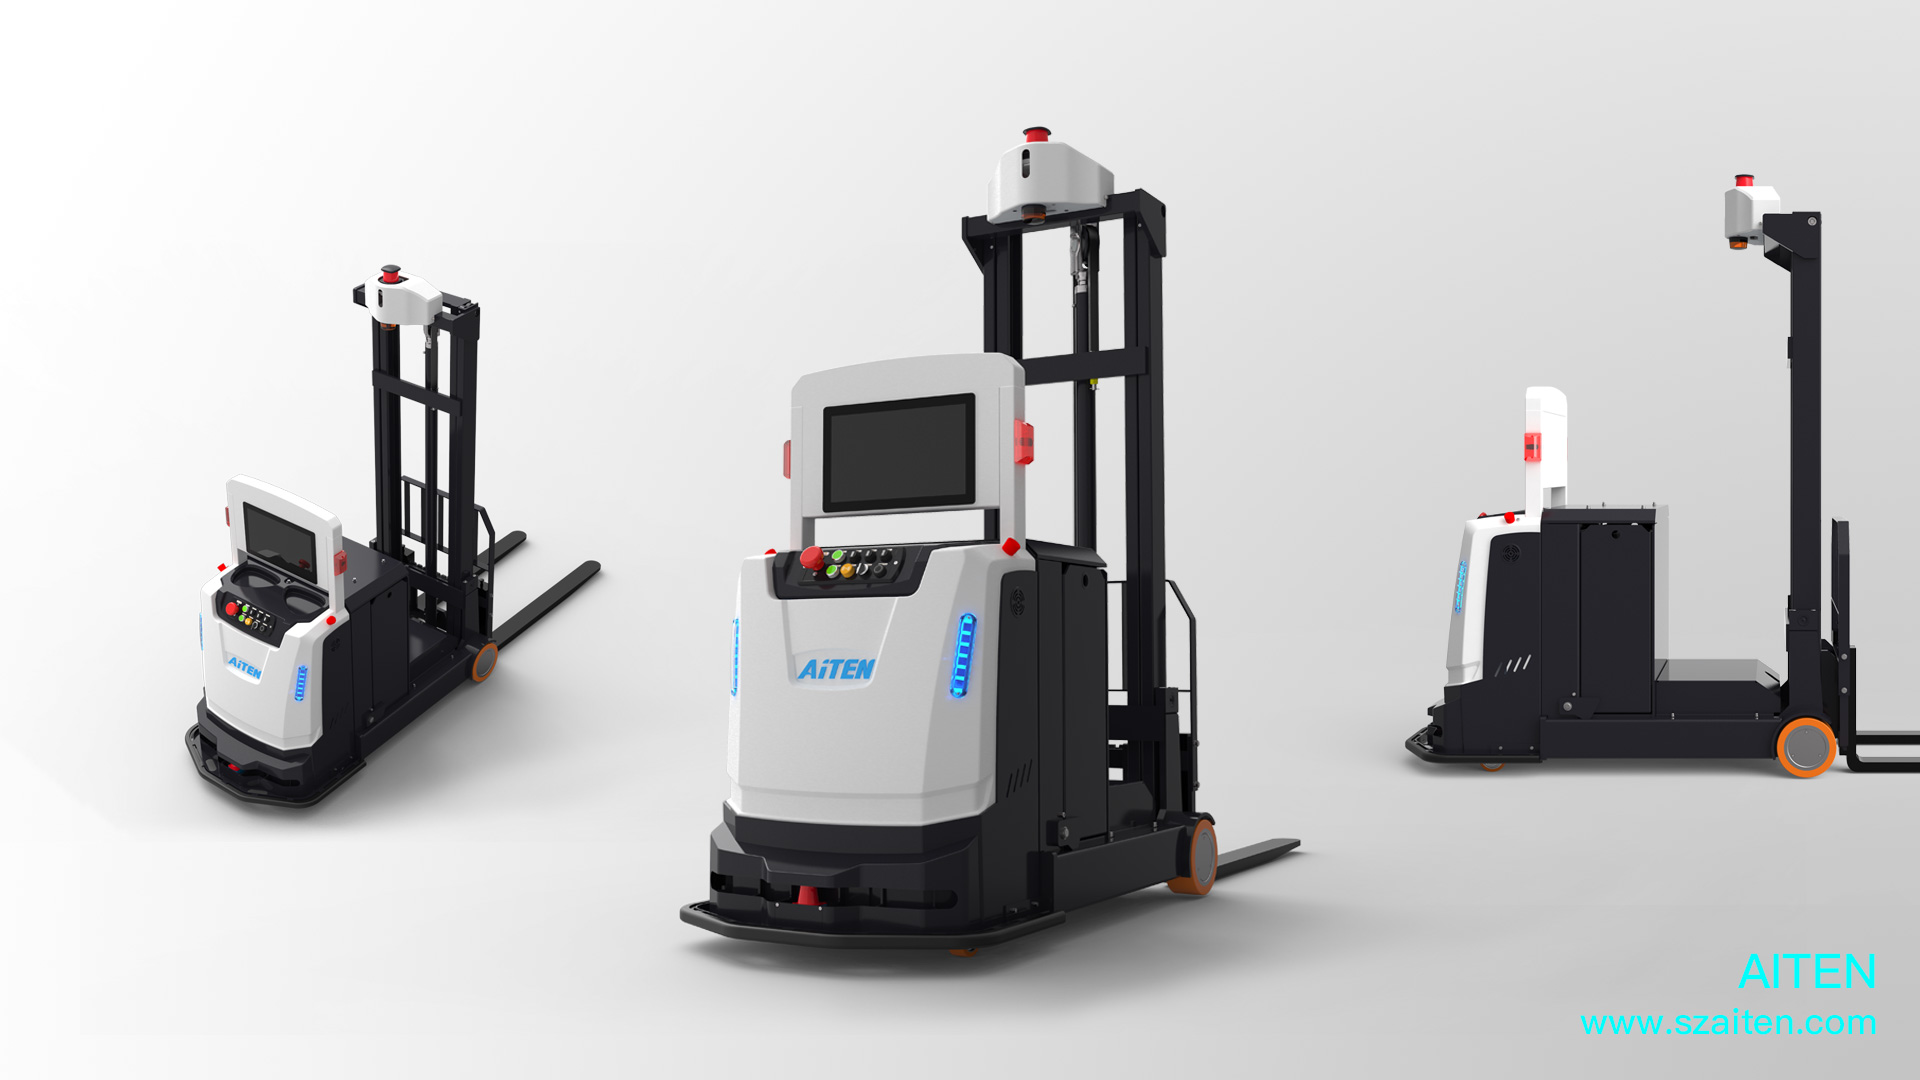 AGV机器人给企业带来了不少发展机遇